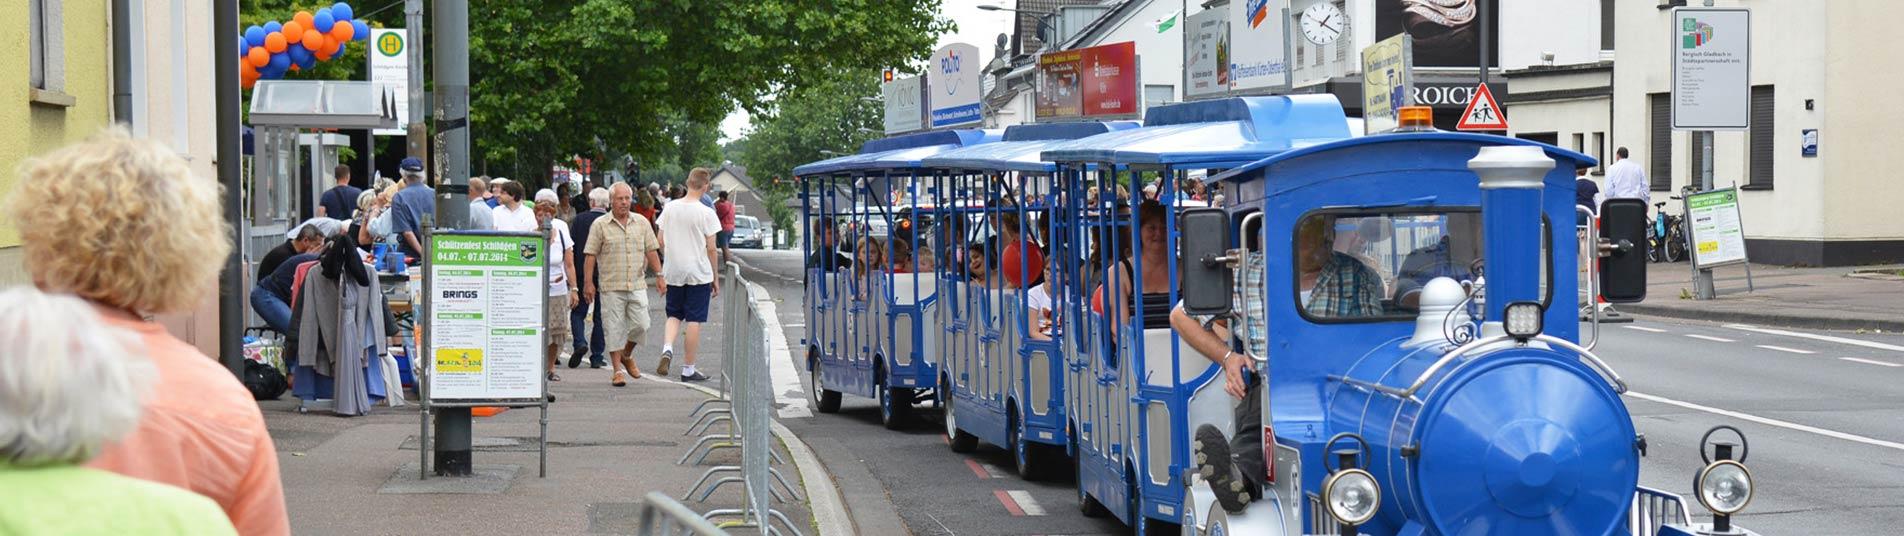 Bimmelbahn beim Dorffest in Schildgen